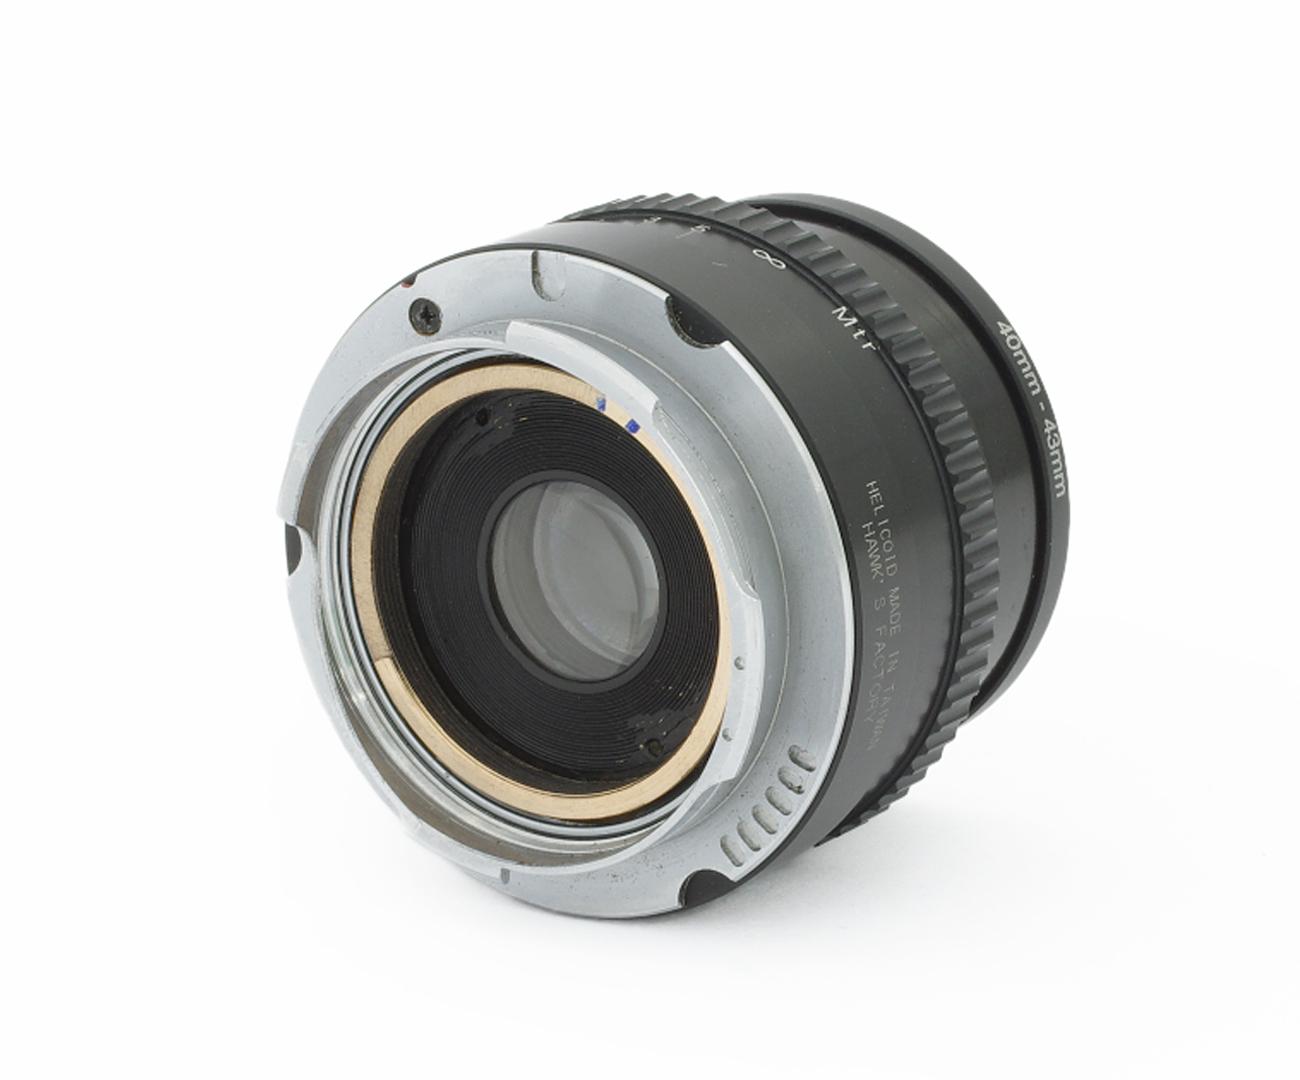 Ernemann-Anastigmat-Ernostar-2-50-mm-170363-Leica-M-Lens Indexbild 5